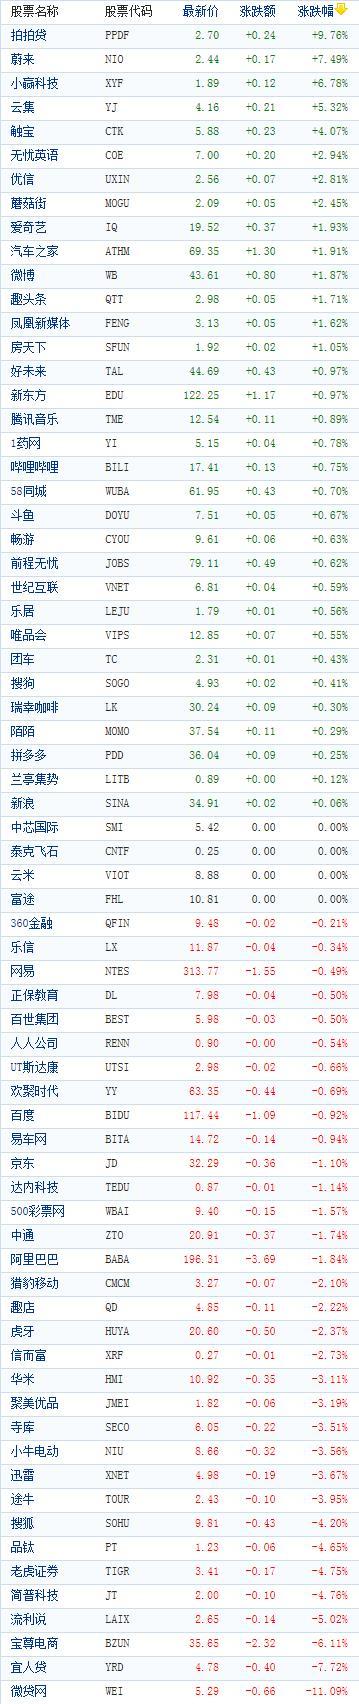 中国概念股周一收盘涨跌互现 蔚来汽车大涨逾7%